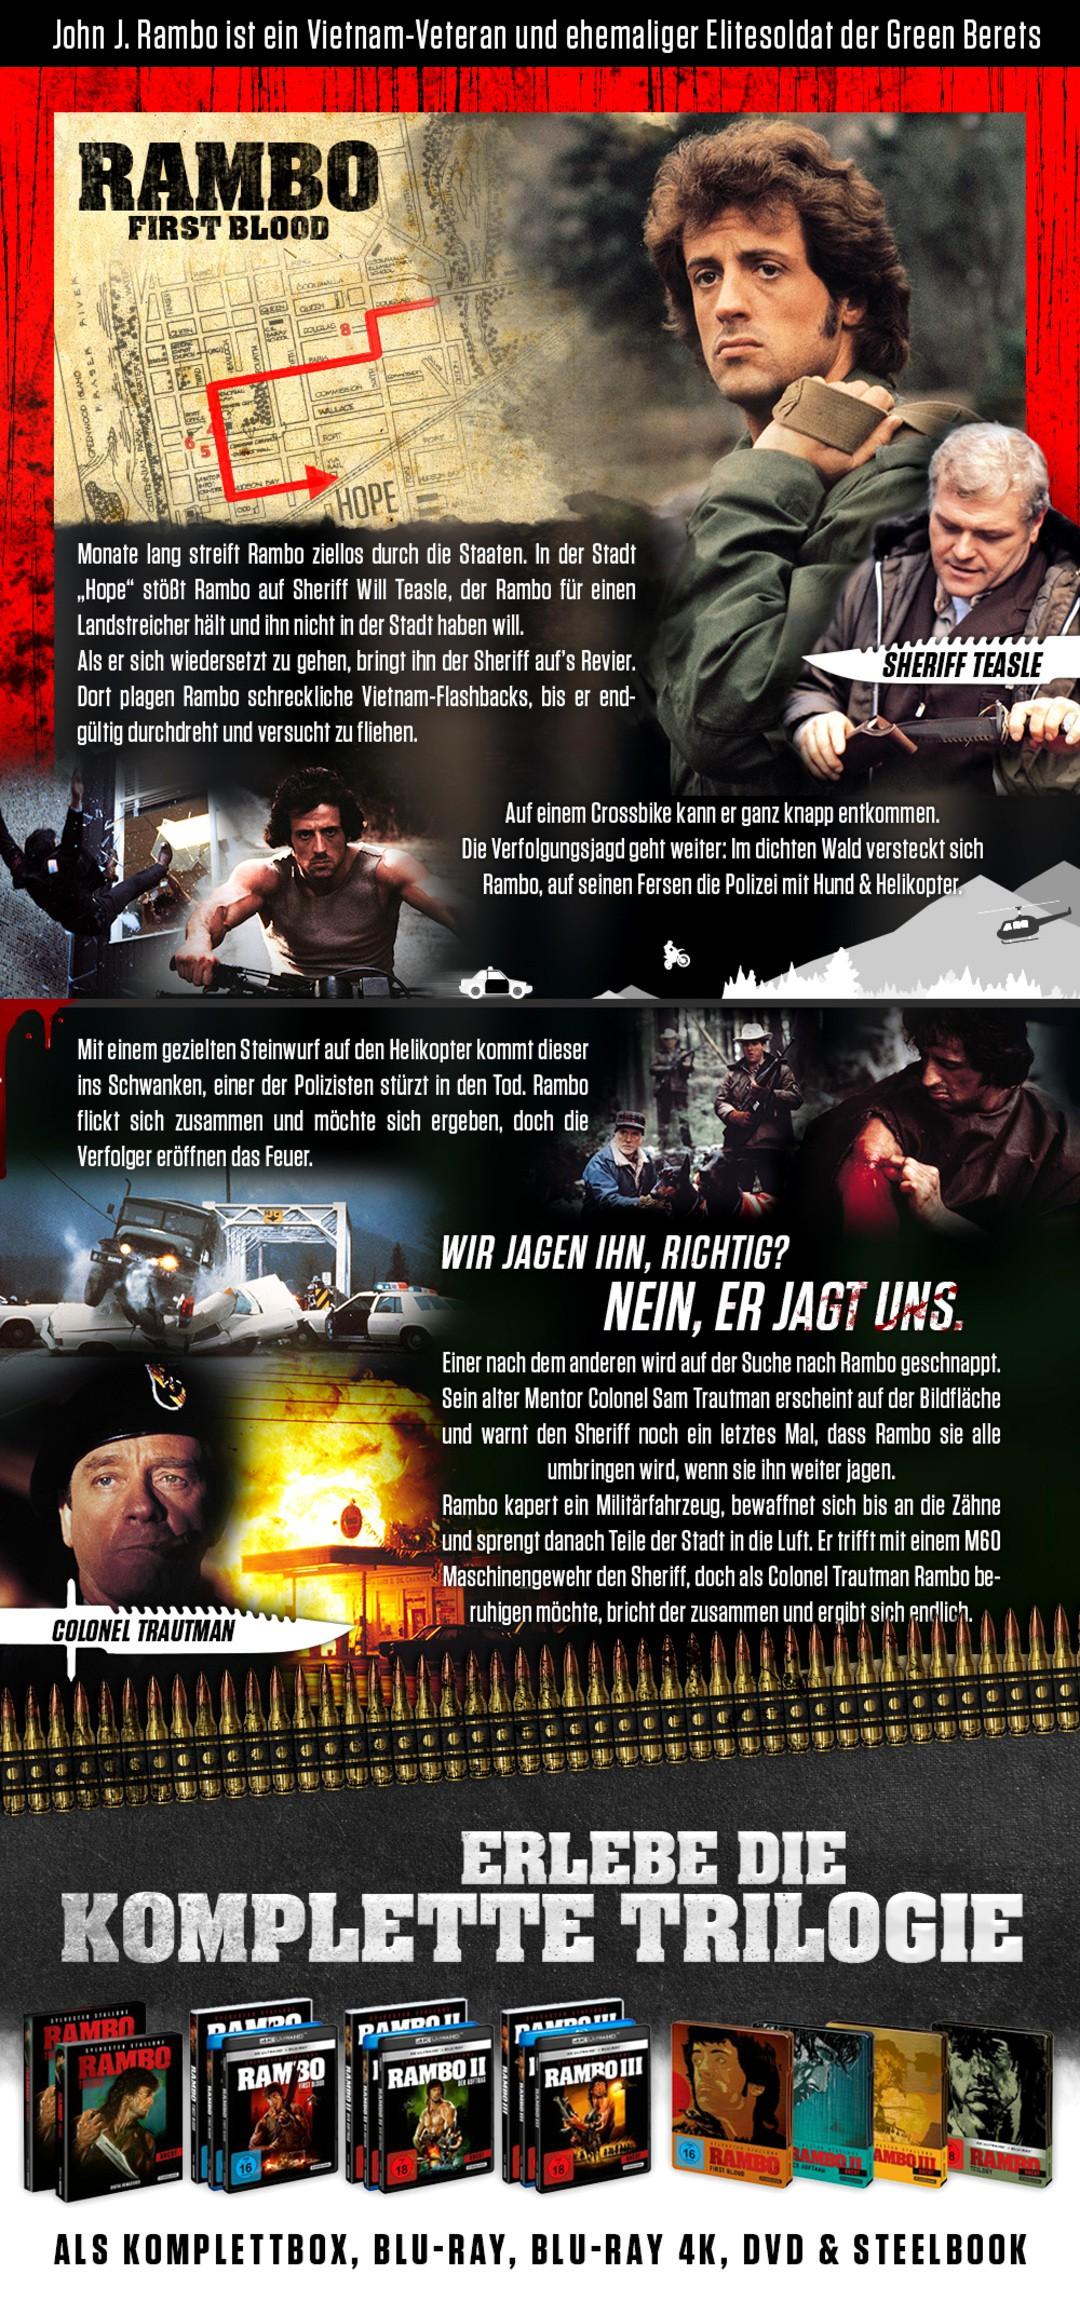 John Rambo: Die Geschichte einer Film-Legende in Bildern - Bild 1 von 5